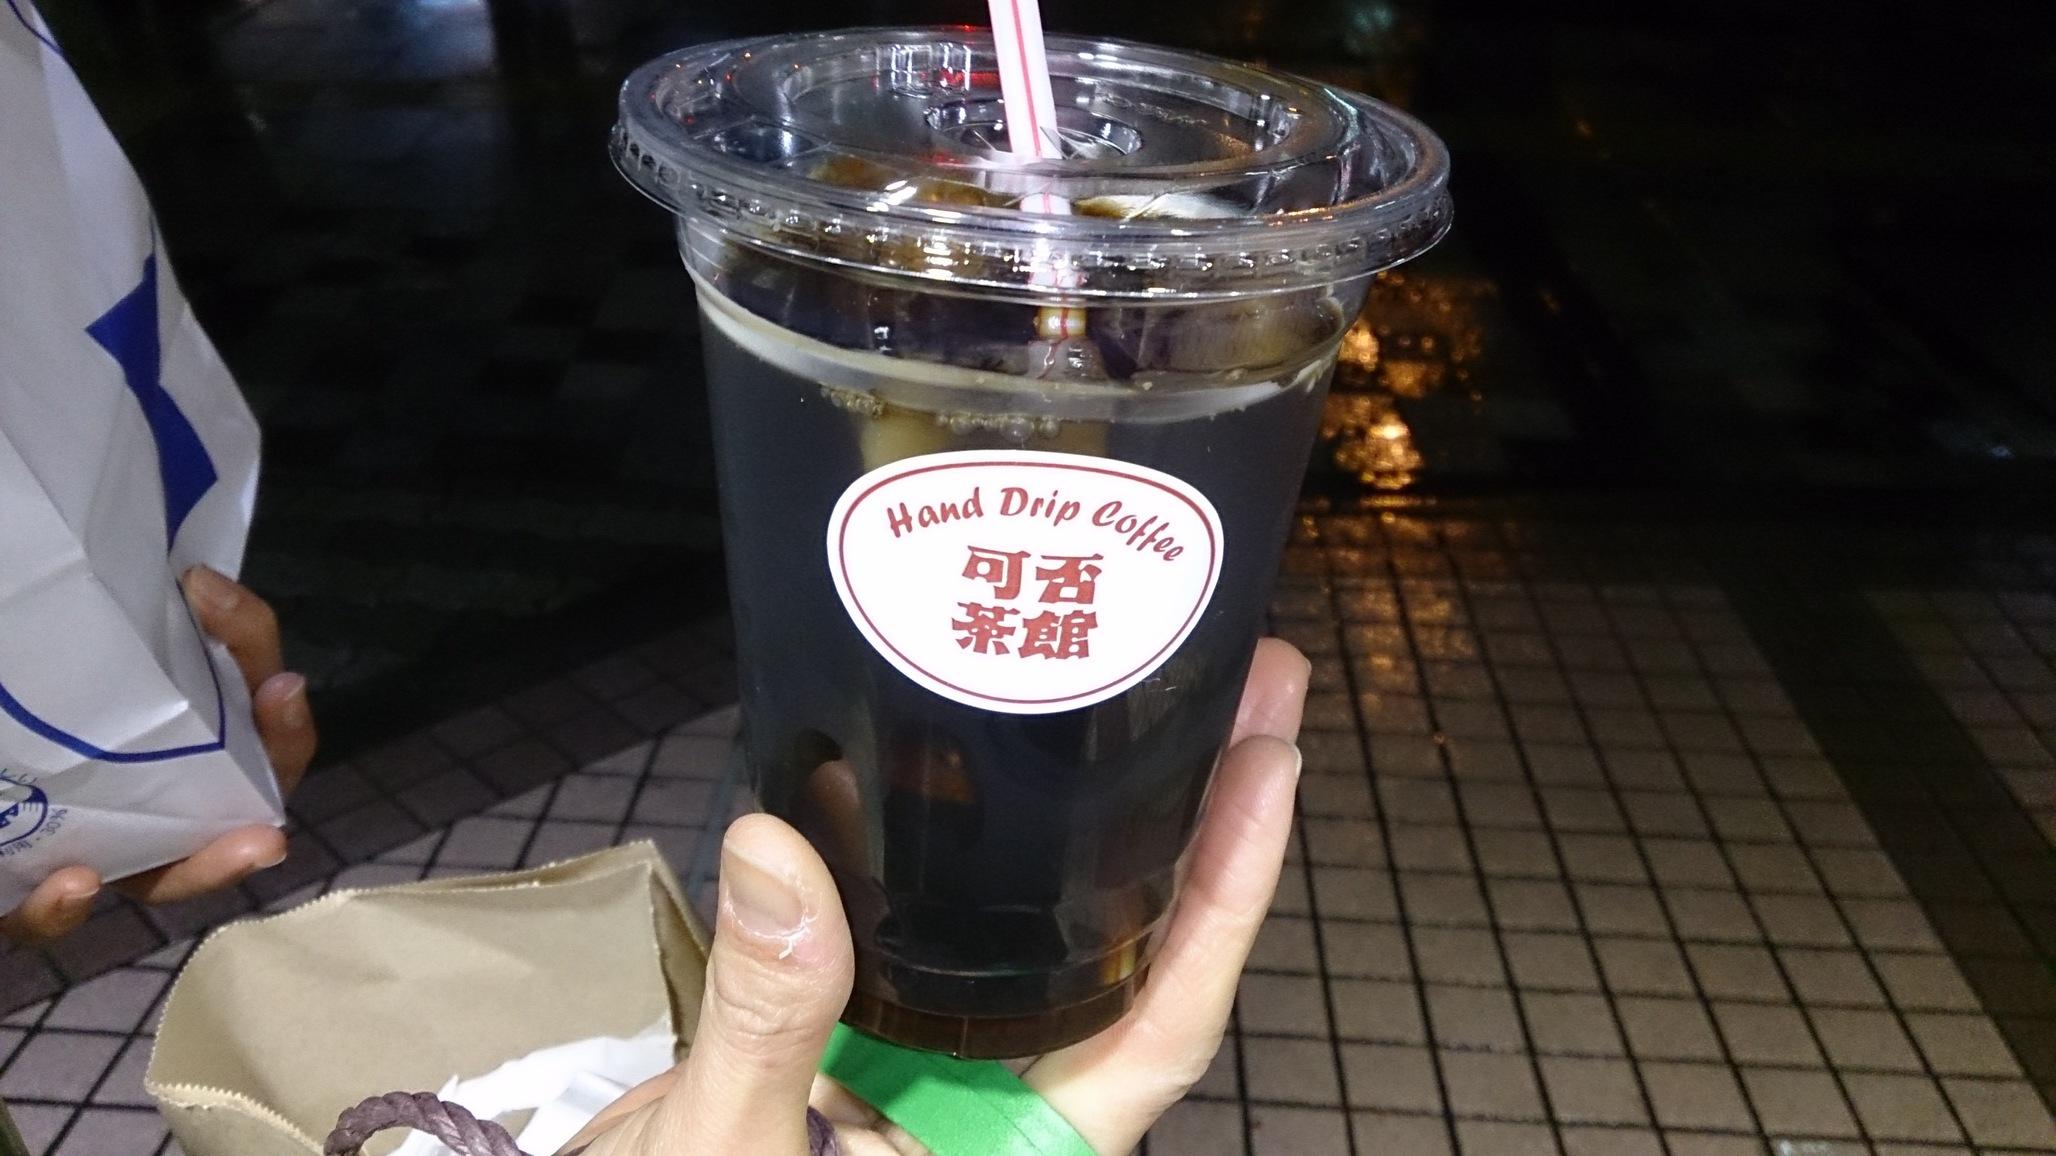 可否茶館 ながの東急店 name=